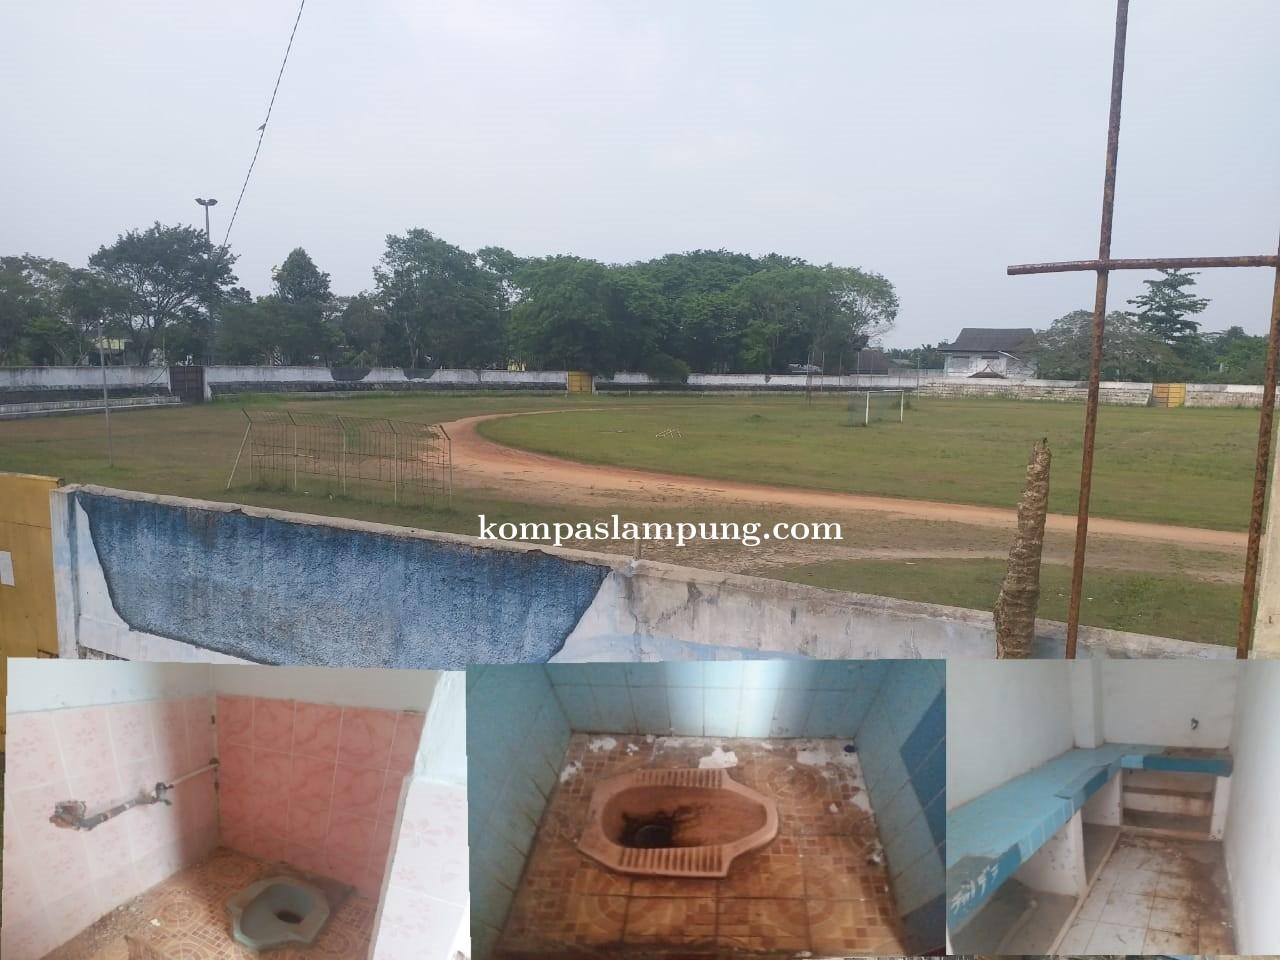 Stadion Tejo Sari Kota Metro Jadi Sarang Laba-Laba